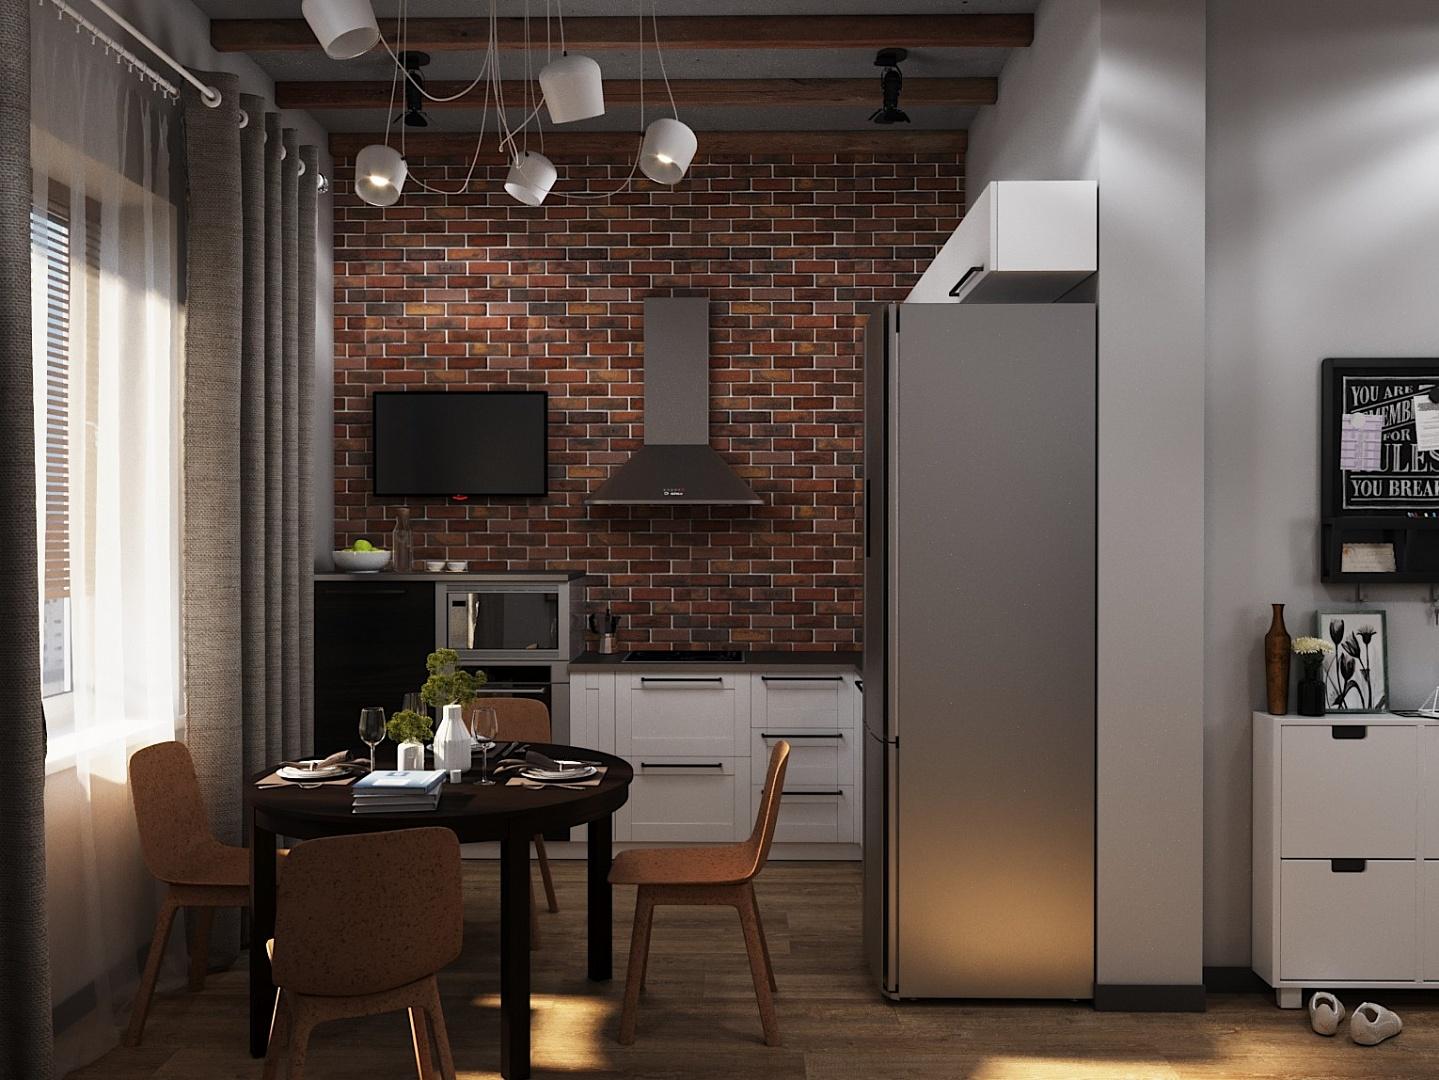 Косметический ремонт — виды и определение | ремонт квартиры своими руками